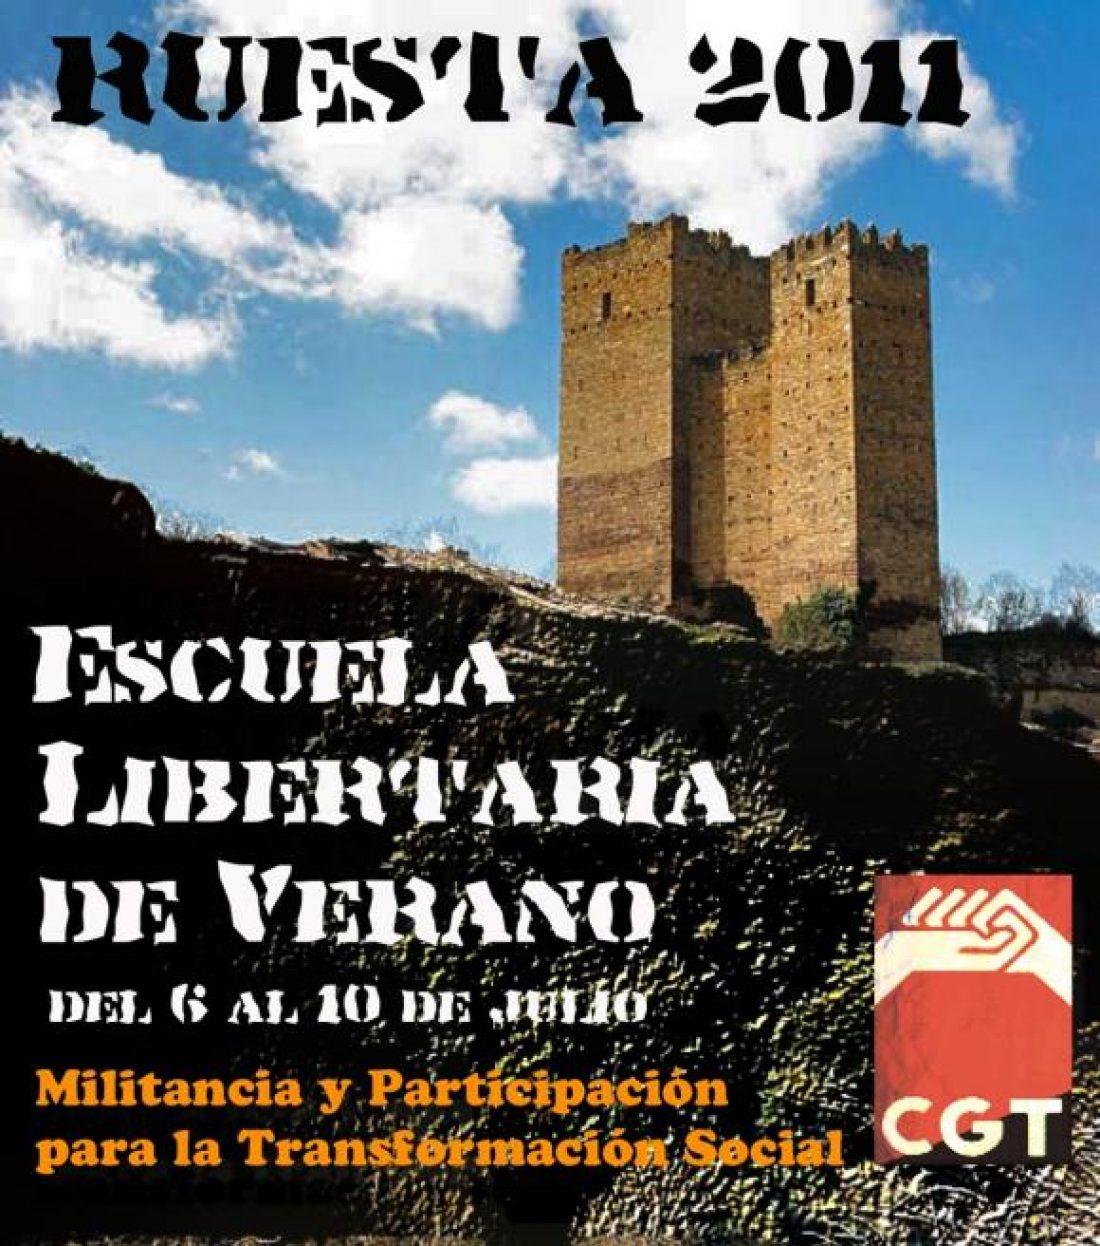 Programa de la Escuela Libertaria de Verano de la CGT (Ruesta, 6, 7, 8, 9 y 10 de Julio)